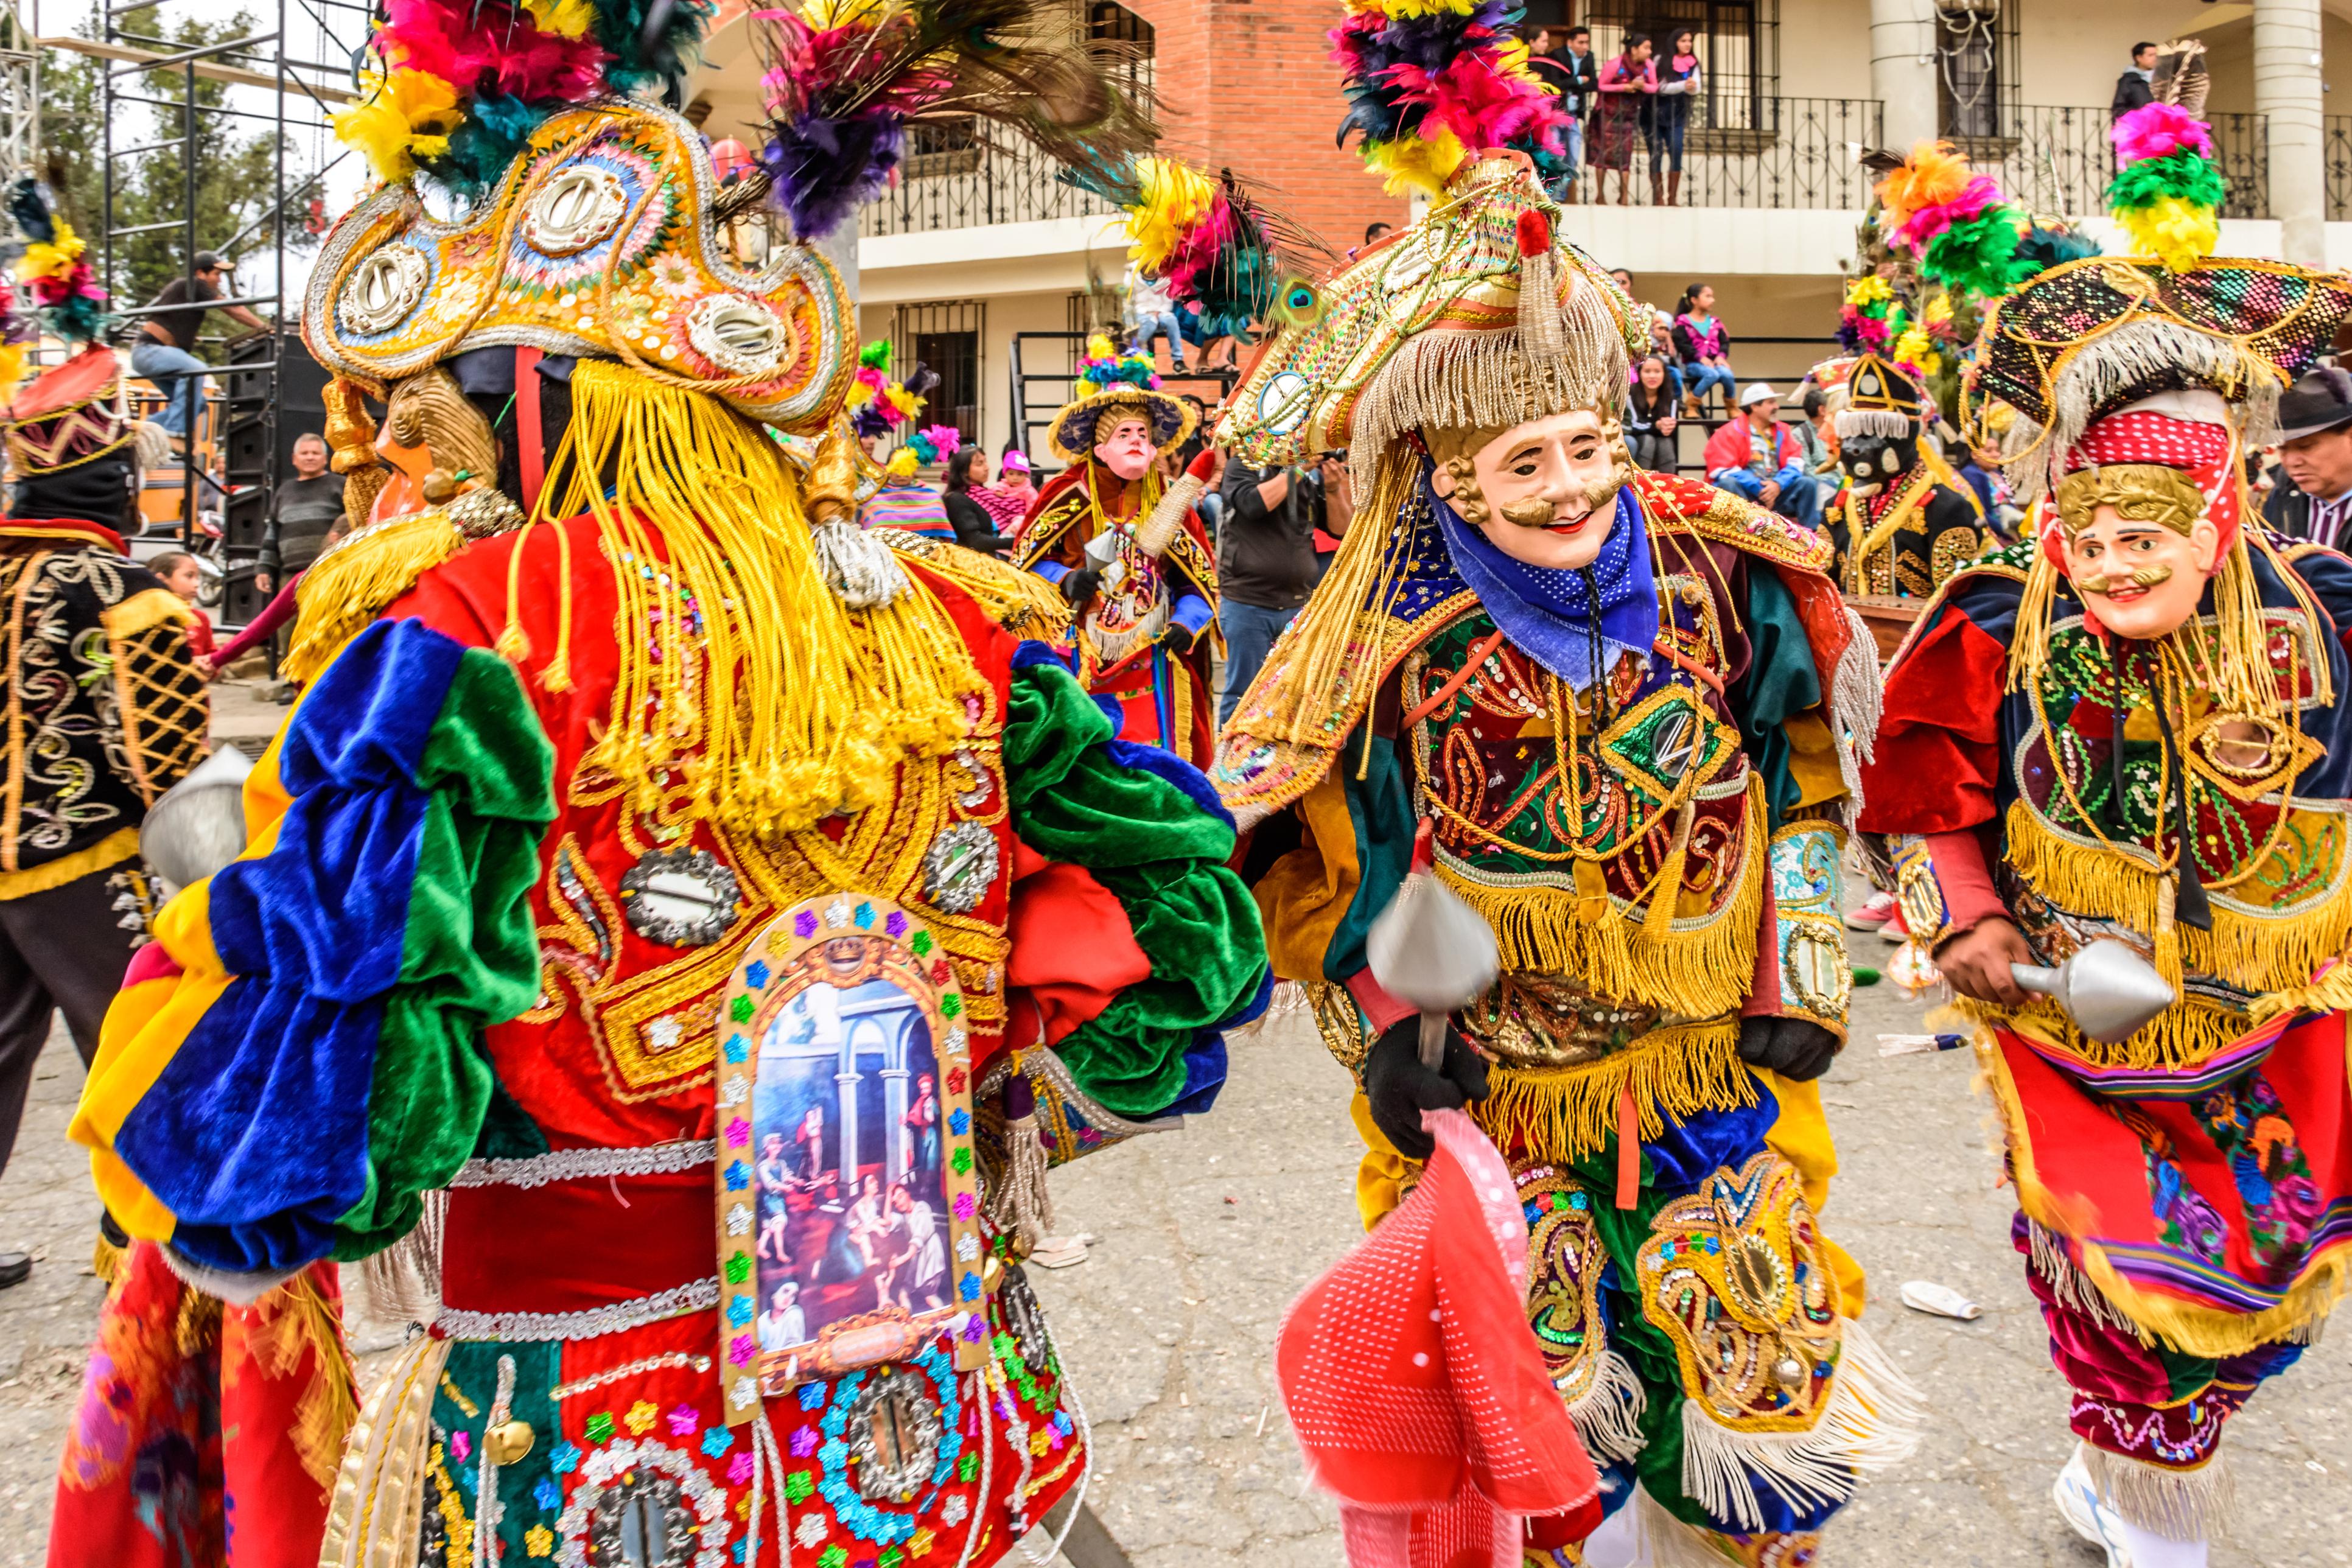 <p>За празника Свети Валентин гватемалските старци се обличат с пера, слагат си маски и честват &bdquo;старата любов&rdquo; по време на парада на &bdquo;старшите жители&rdquo;.</p>